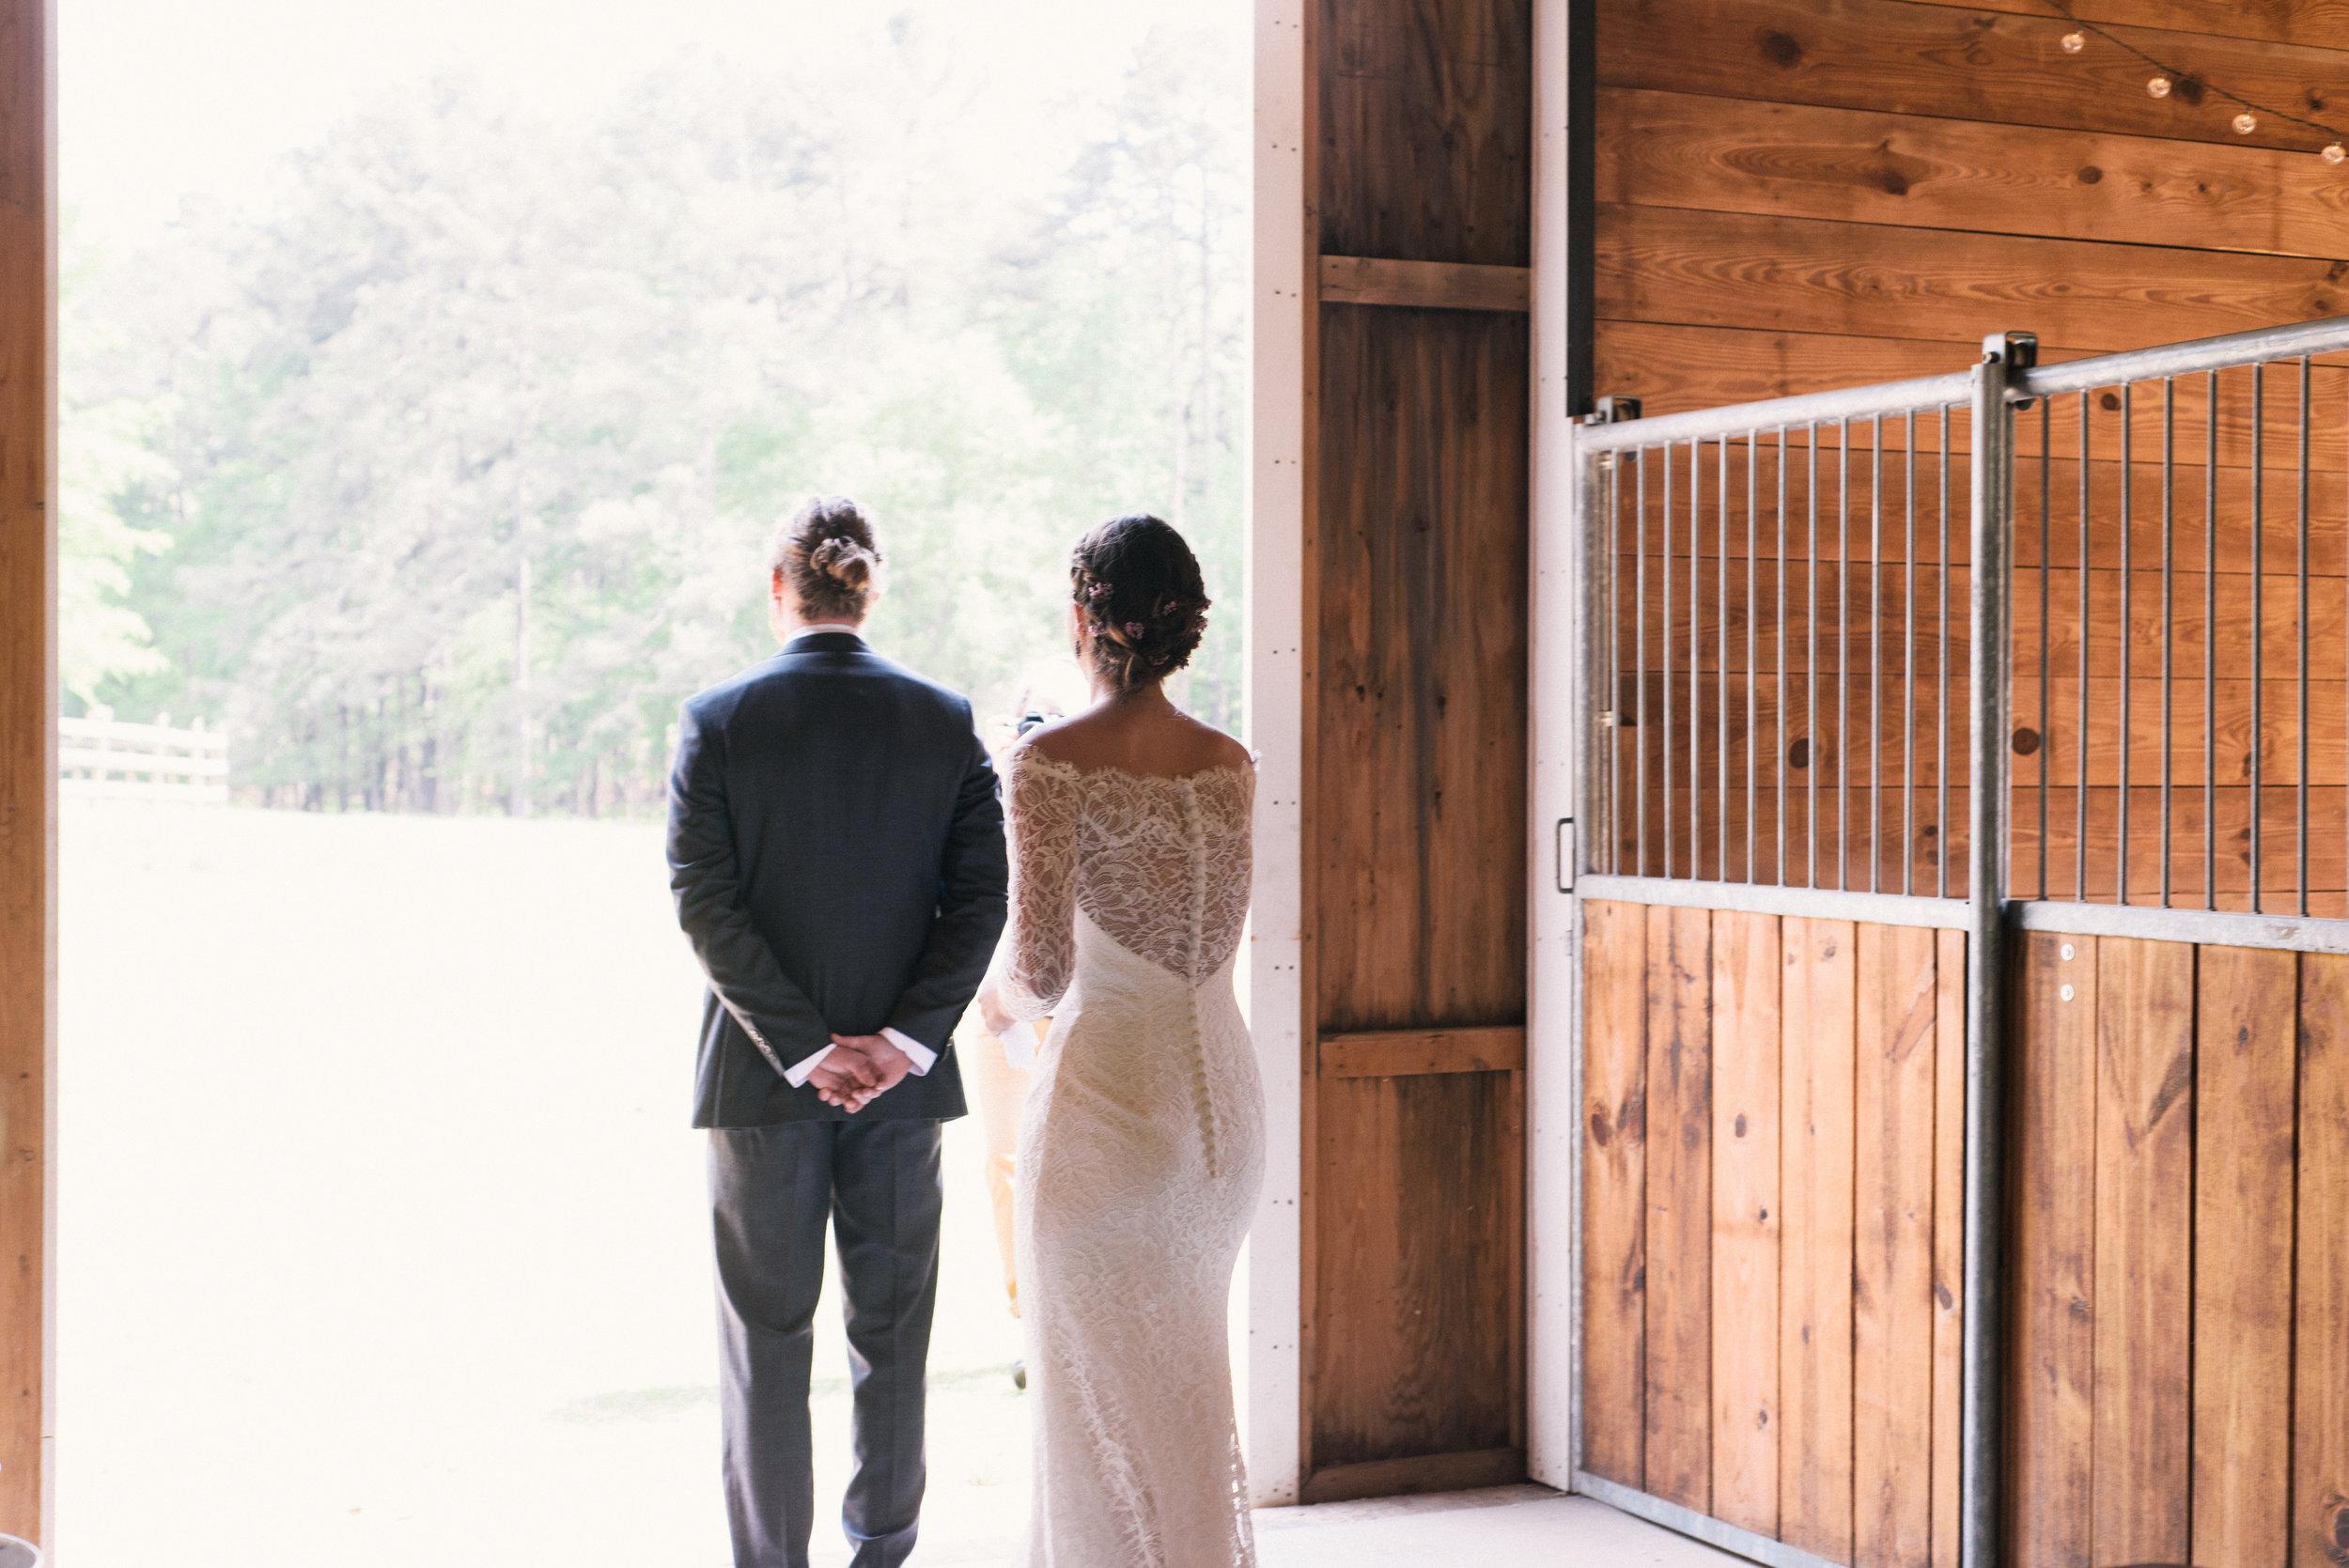 raleigh-elopement-photographer-raleigh-durham-wedding-maddie-and-devin- (16 of 162).jpg